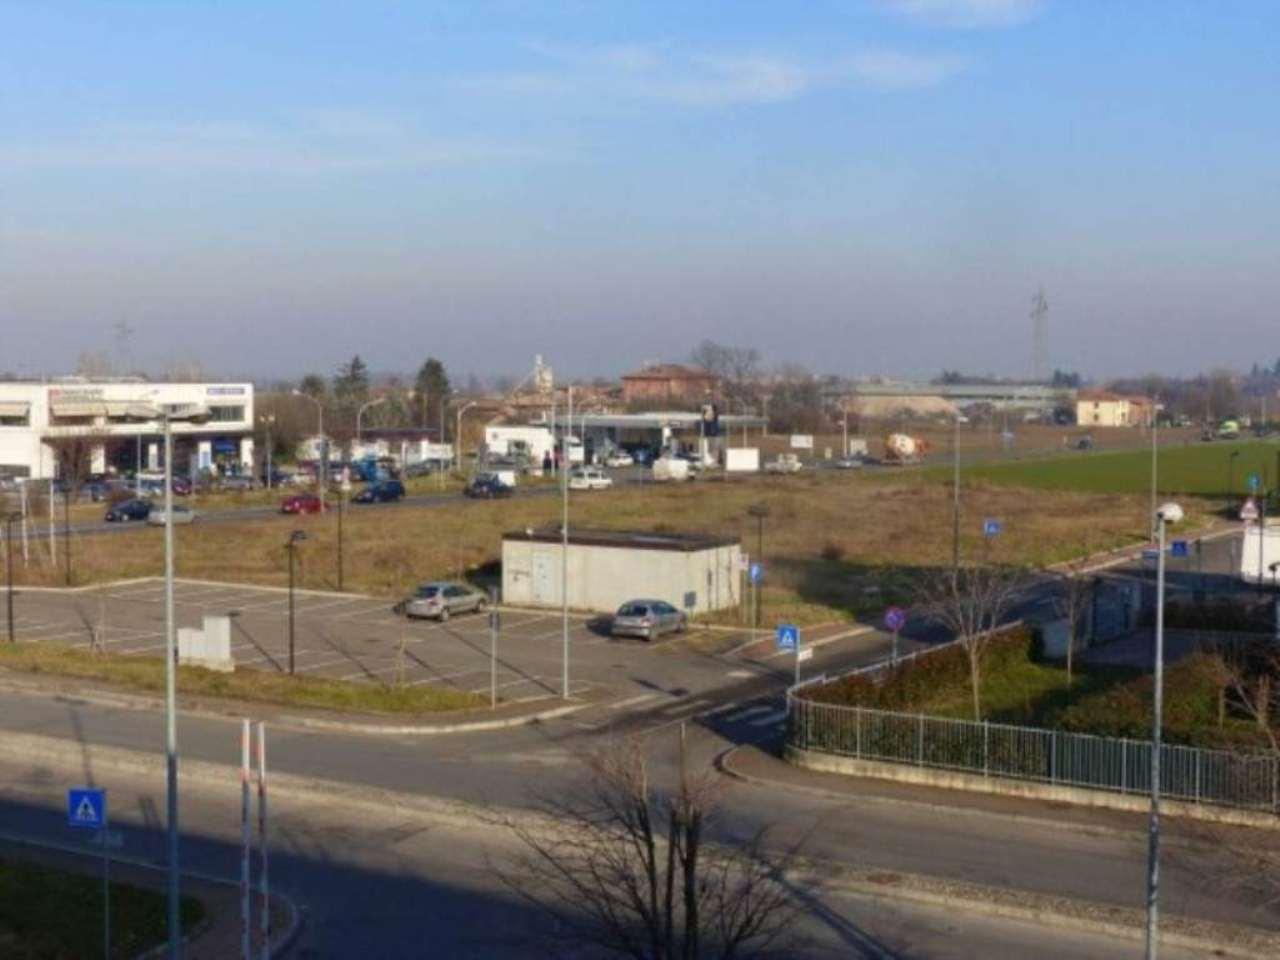 Terreno Edificabile Artigianale in vendita a Valsamoggia, 9999 locali, Trattative riservate | CambioCasa.it